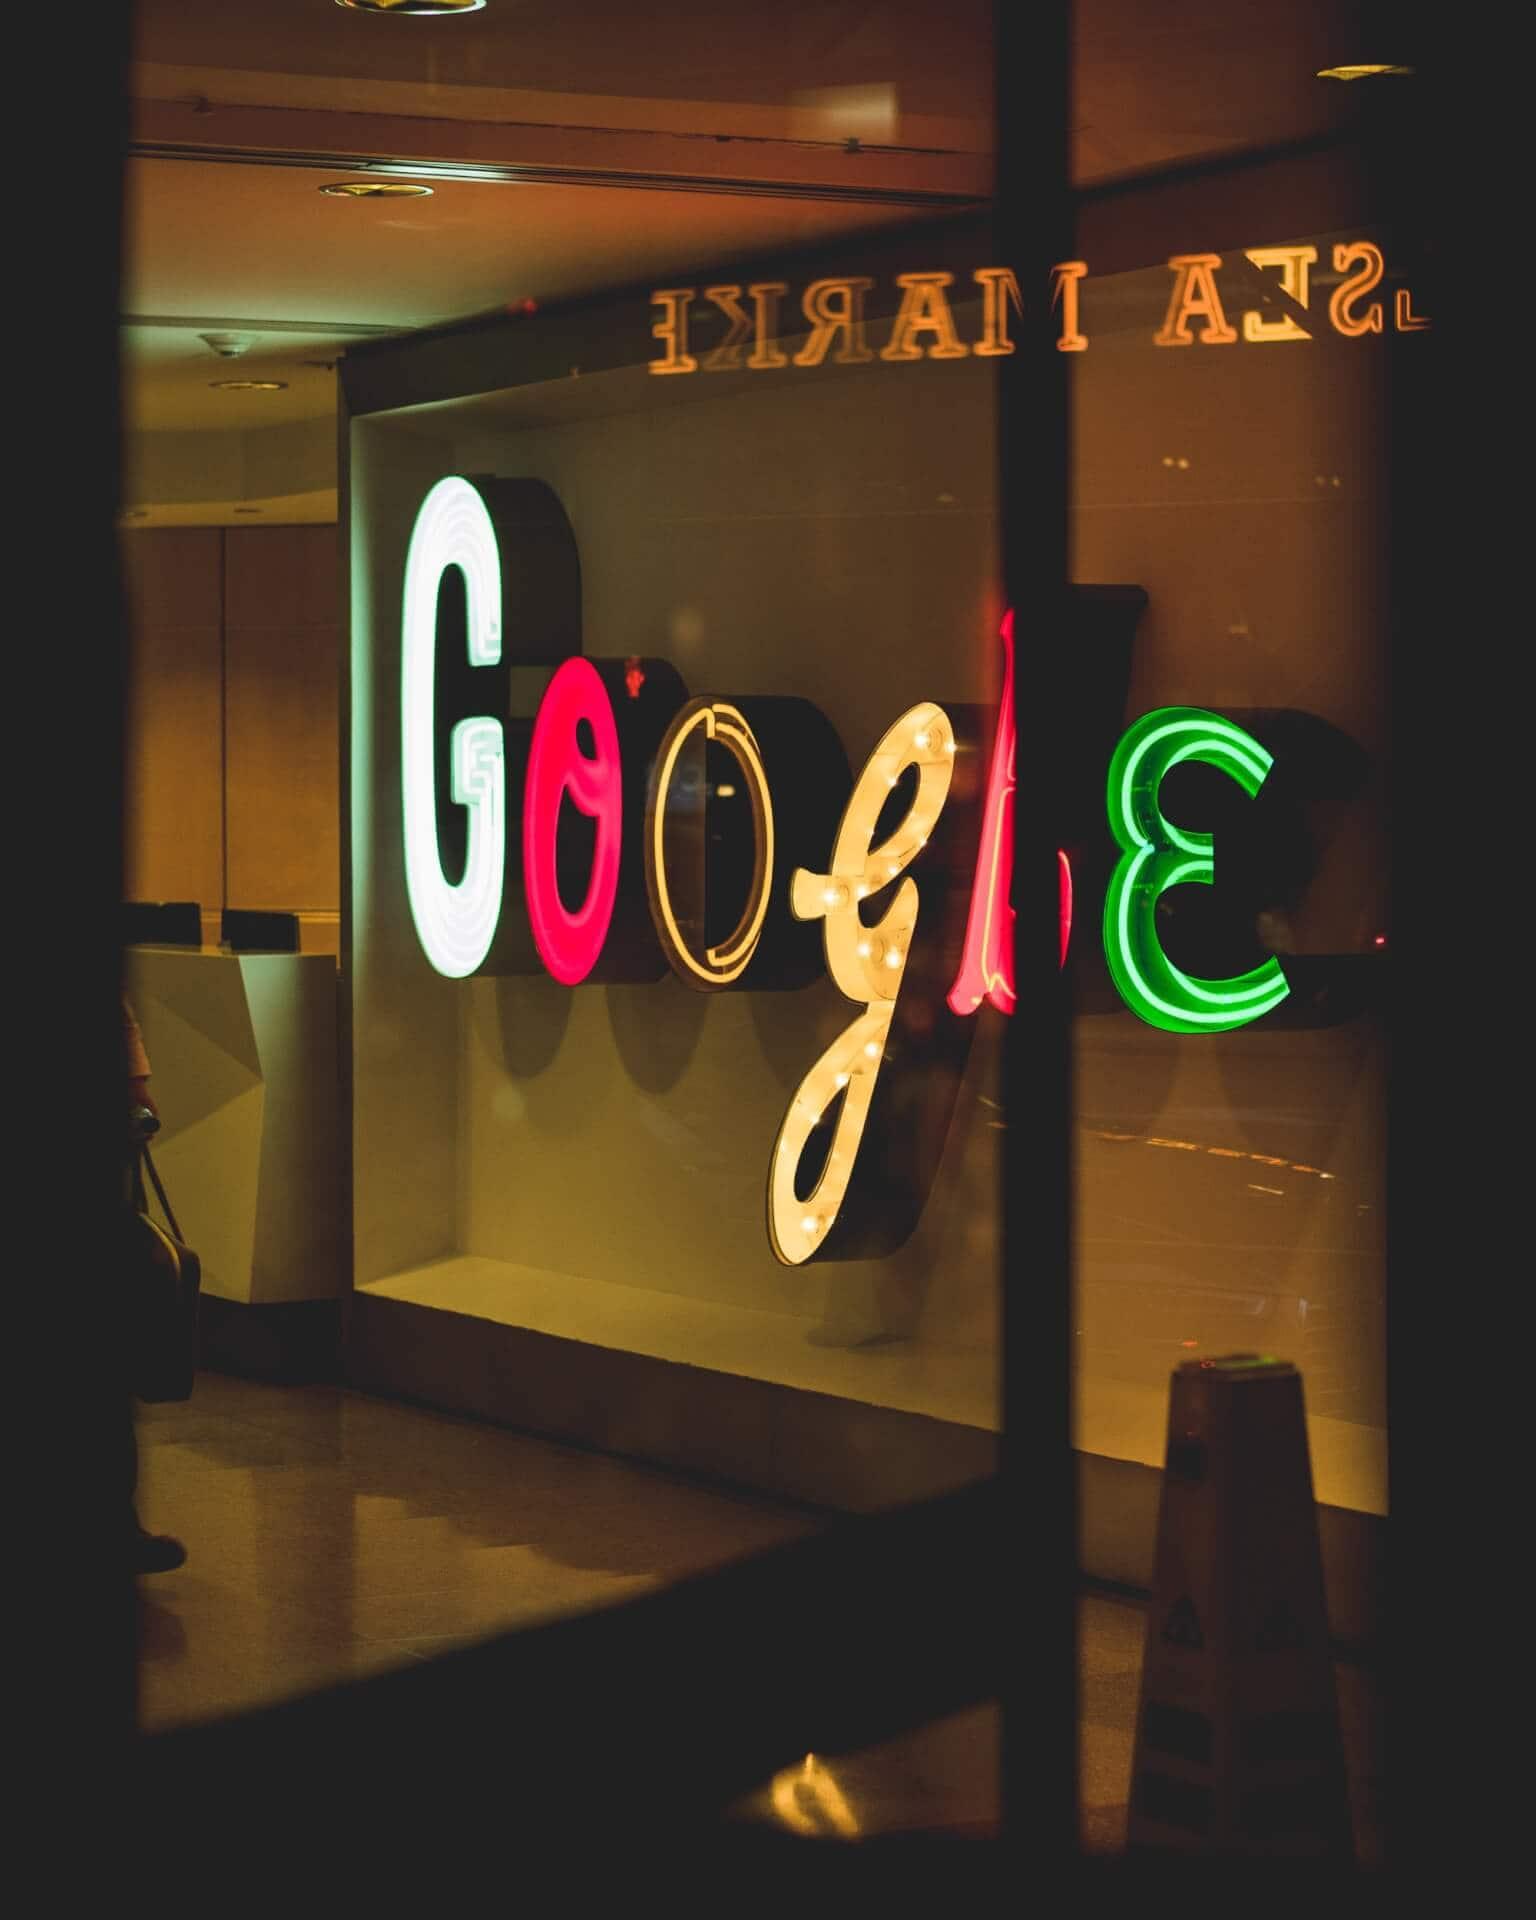 voordeel-nadeel-erp-systeem-google-proof-02